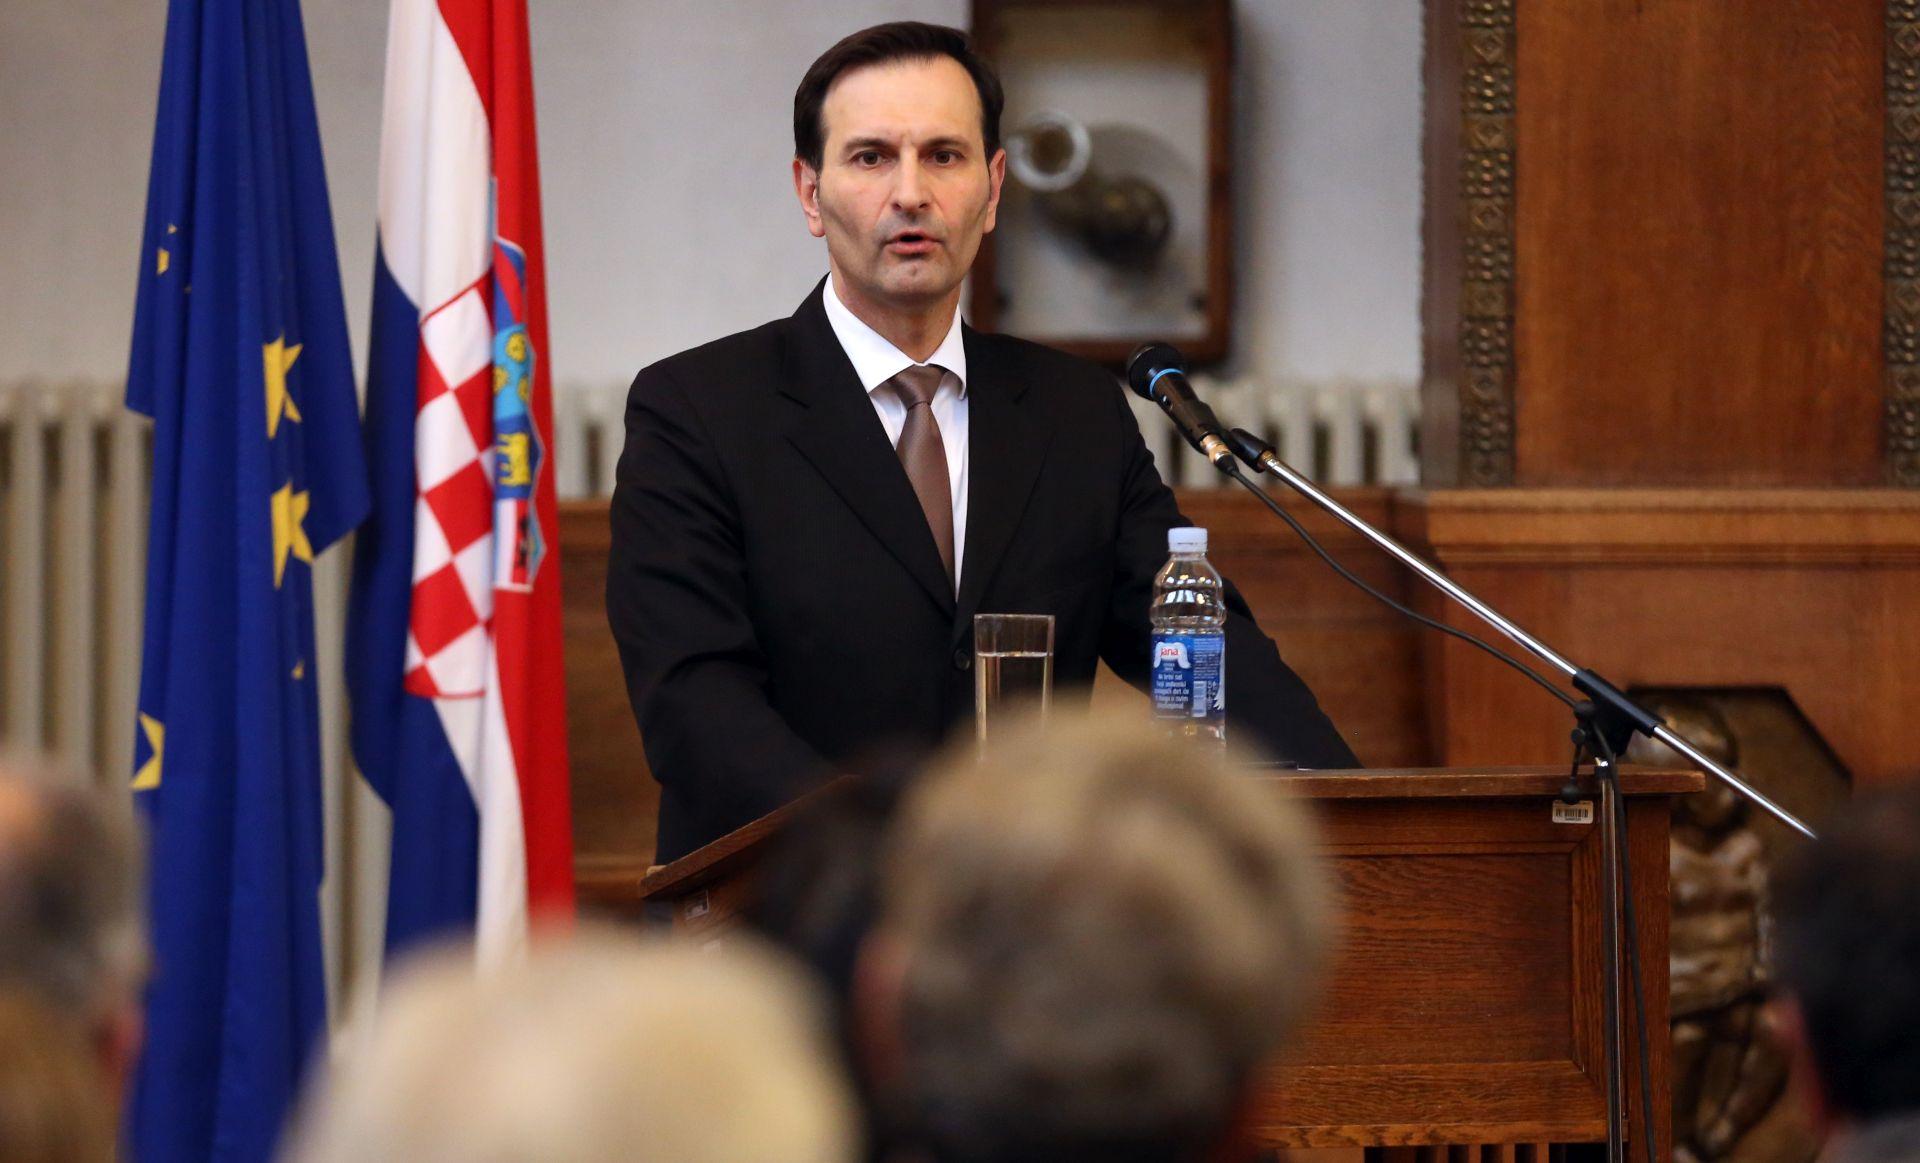 MINISTAR KOVAČ: Hrvatska će se nastaviti zauzimati za povratak Hrvata u RS